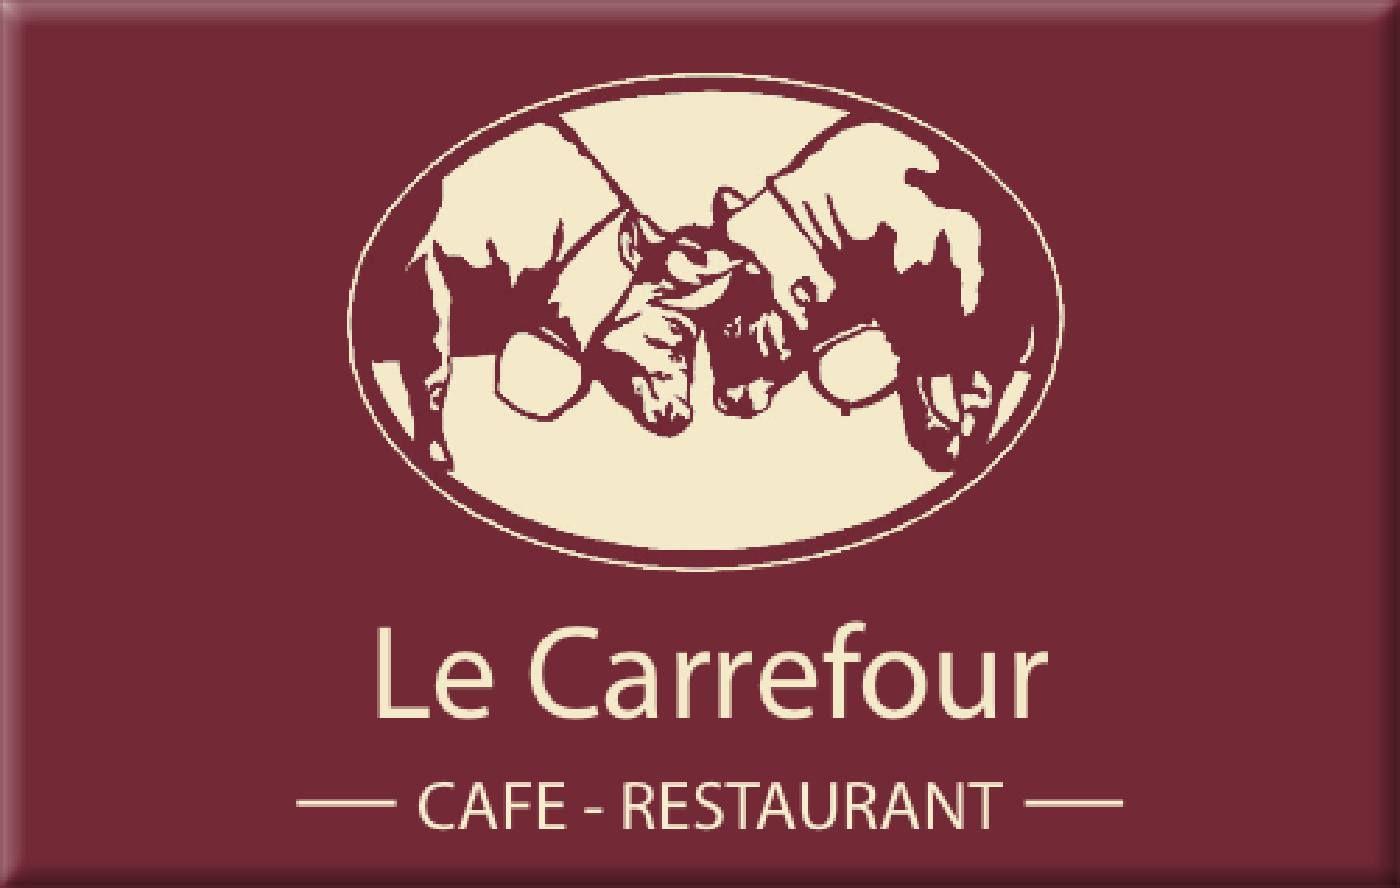 Contact The Carrefour Bruson Restaurant à Carrefour 7 Chemins